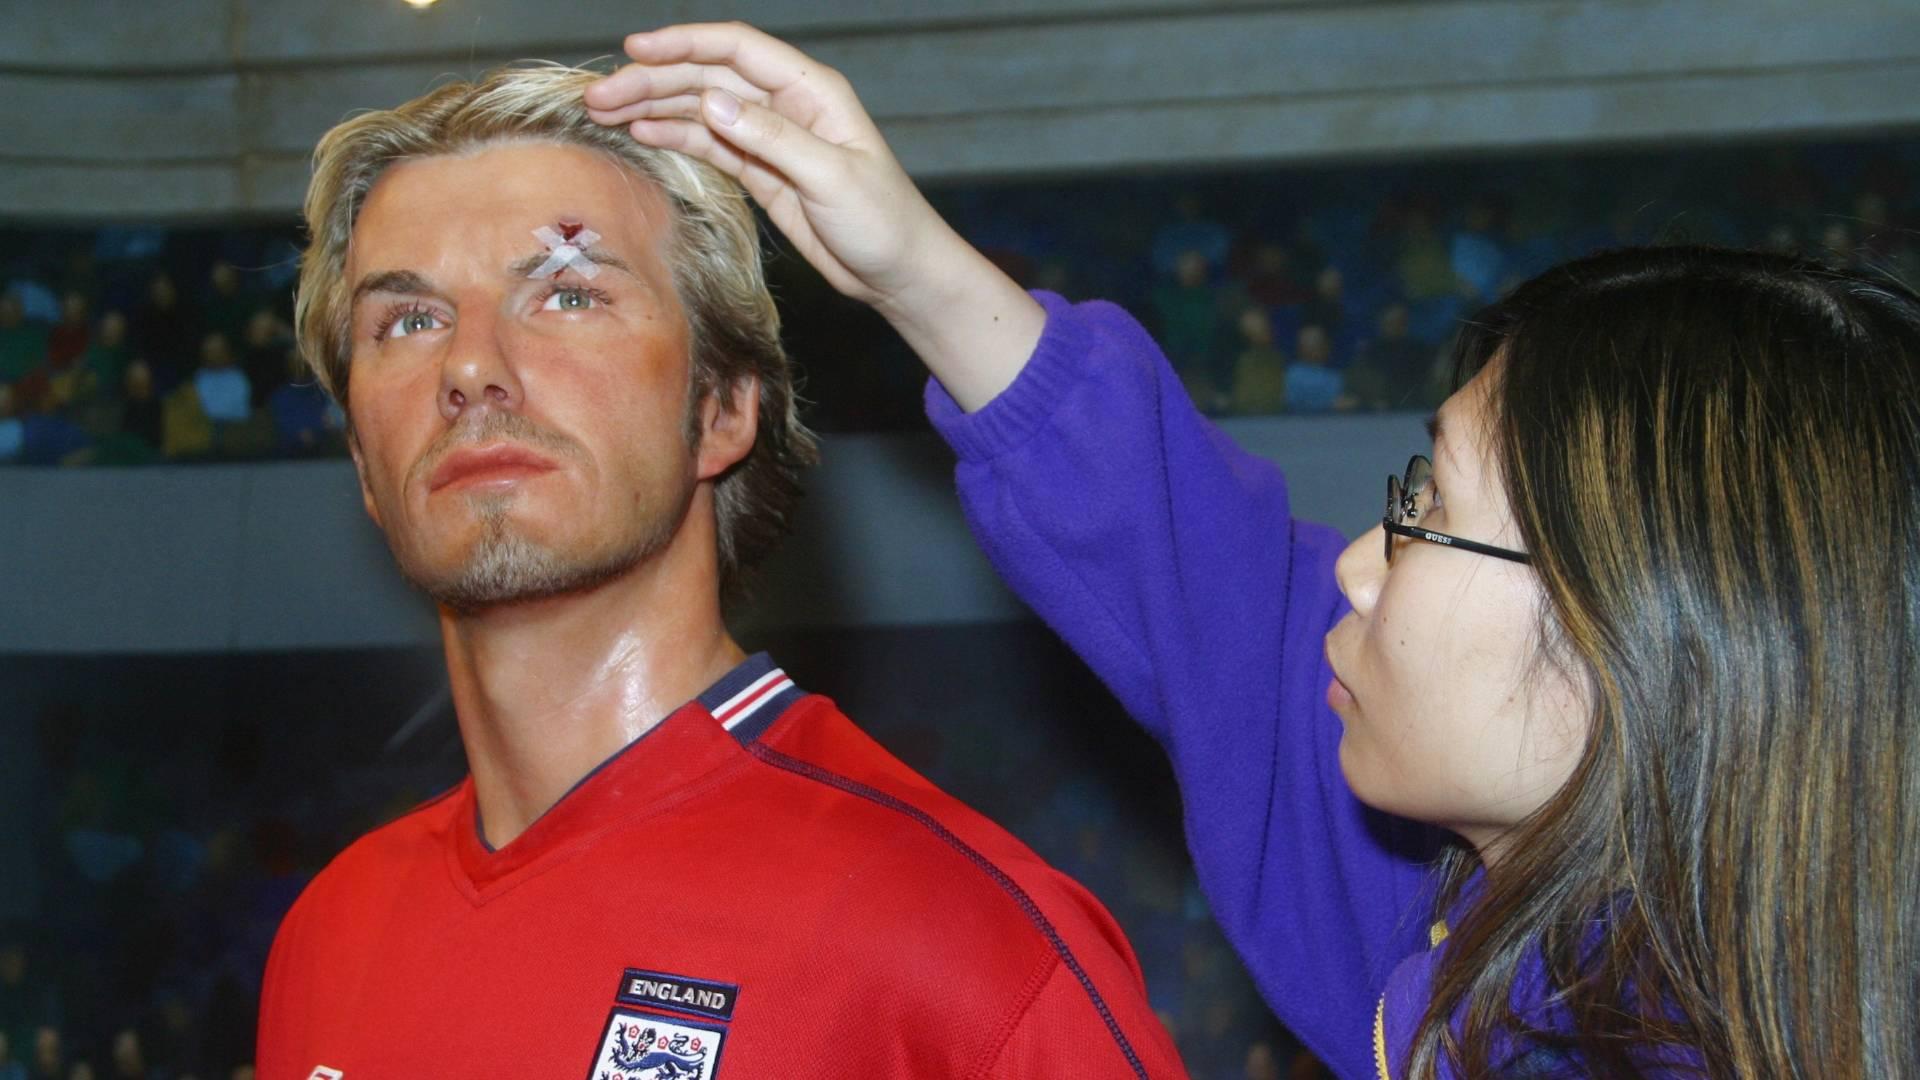 Funcionária do museu Madame Tussauds de Hong Kong arruma o cabelo da figura de cera do jogador David Beckham (20/2/2003)